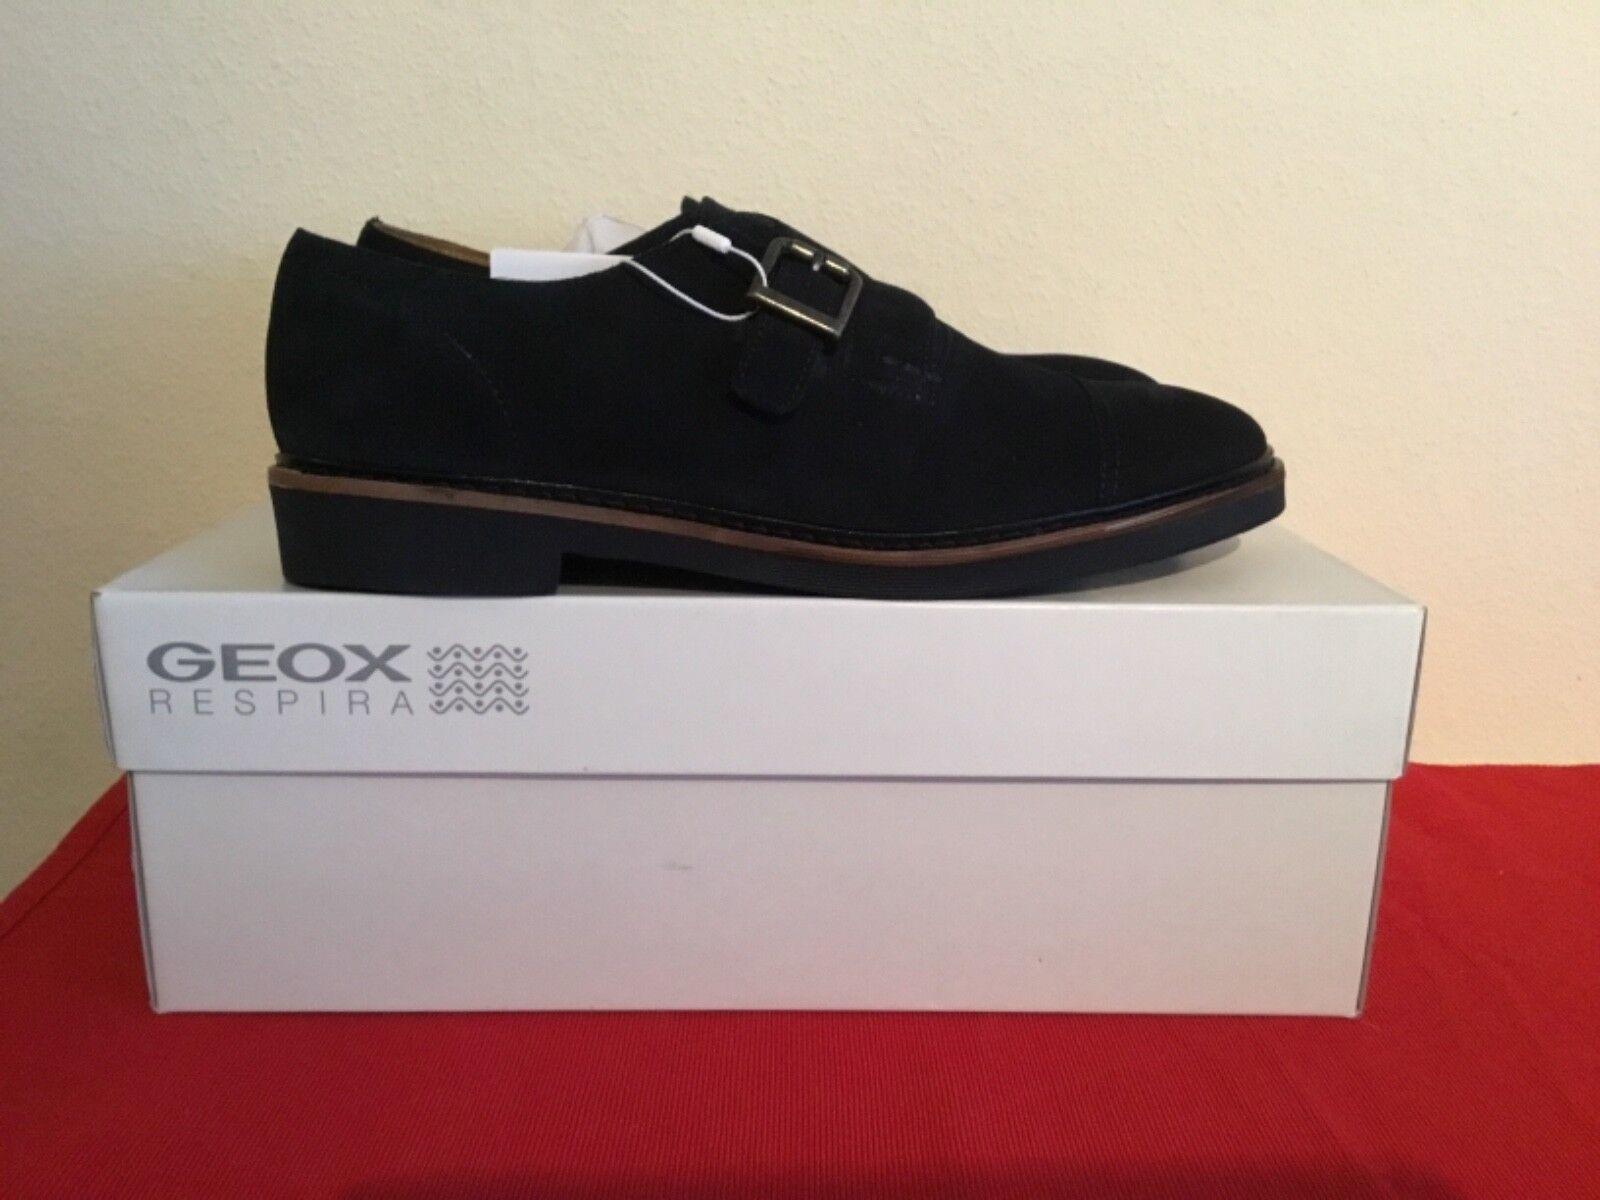 Geox u madocle a u640sa zapatos caballero zapatos cuero Suede talla  44 nuevo en caja de cartón